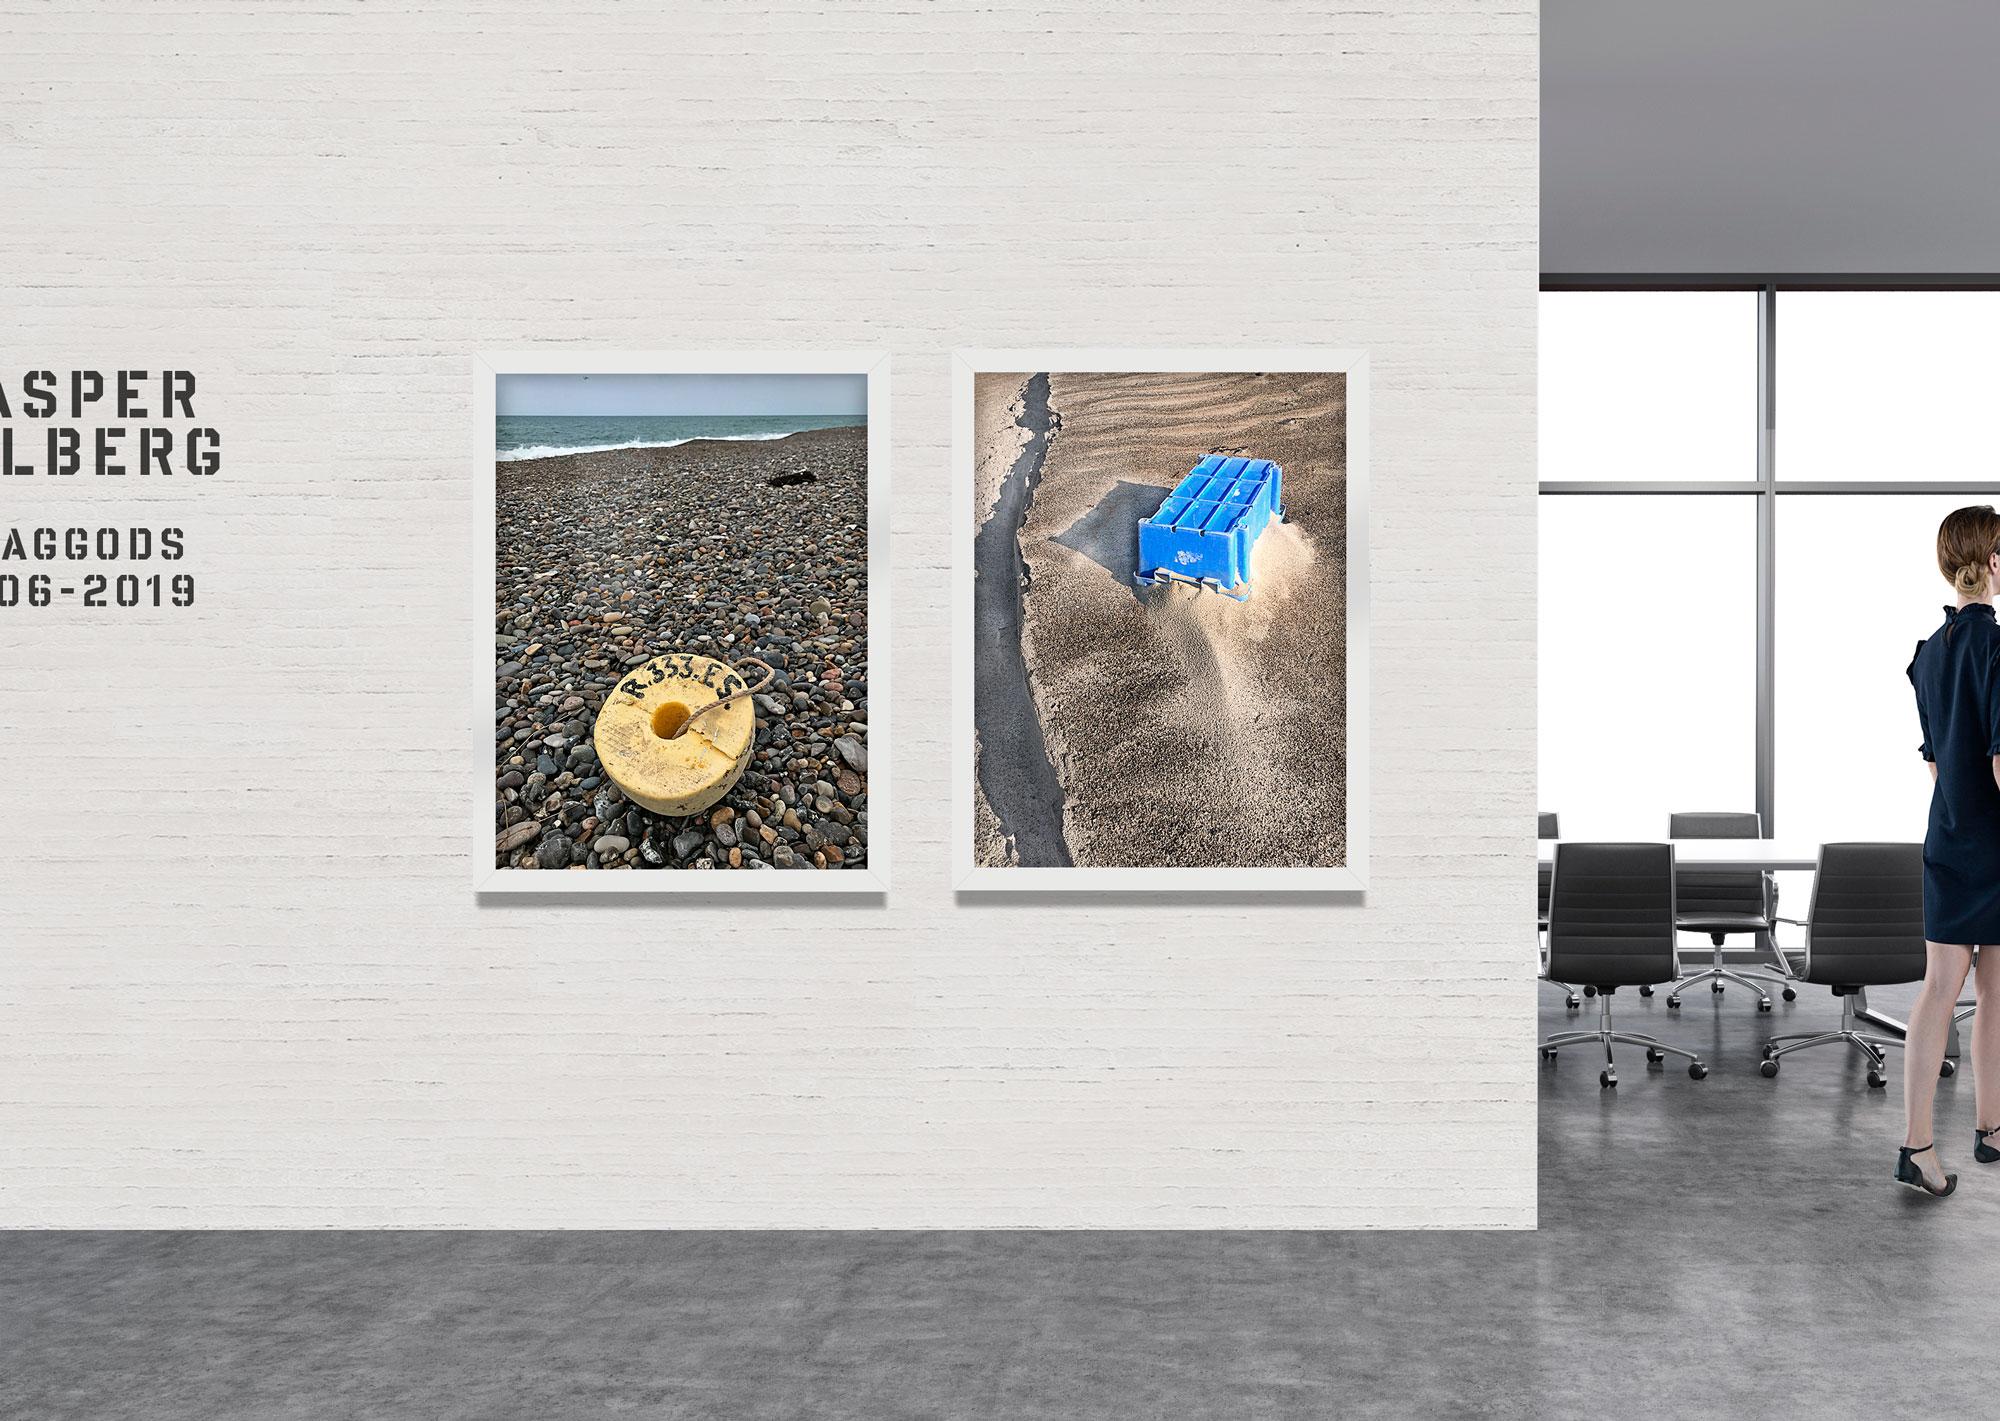 Casper Sølberg udstiller hos virksomheder, institutioner, i kunstforeninger, gallerier og Pop-Ups.